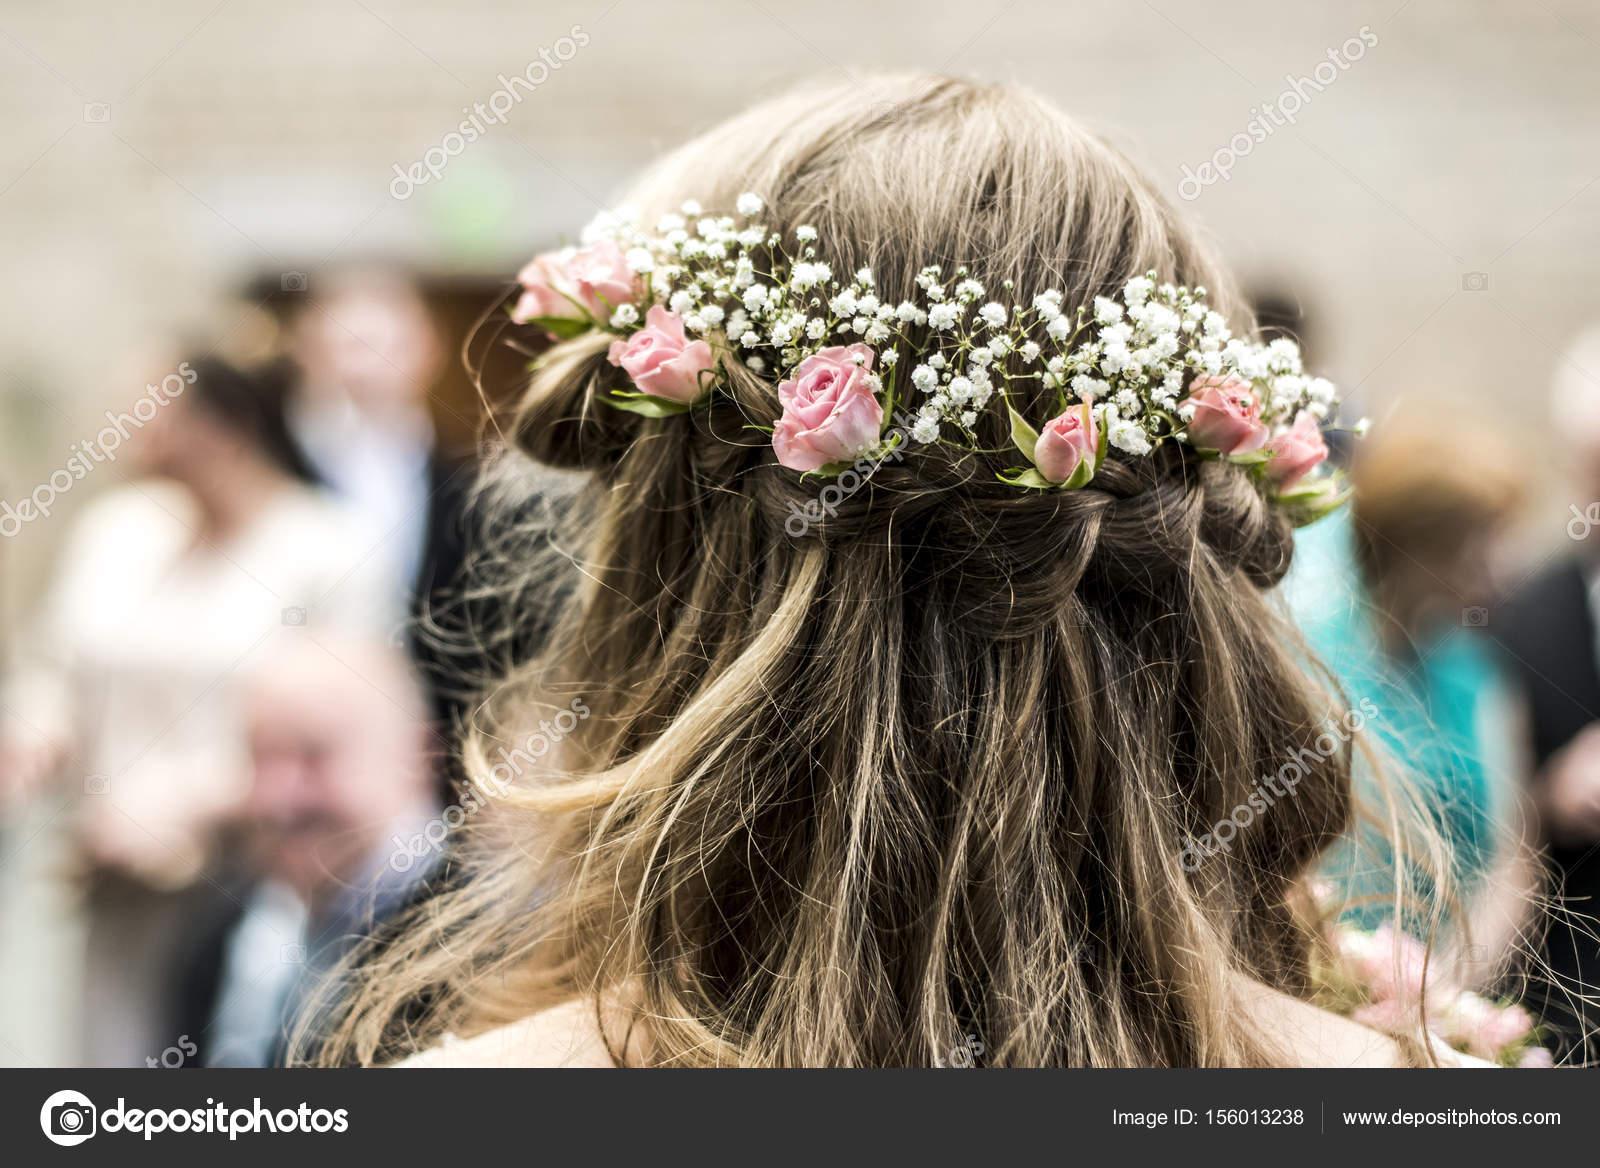 Kranz Mit Blumen Heck Ansicht Blonde Braut Mit Einem Kuken Coiffure